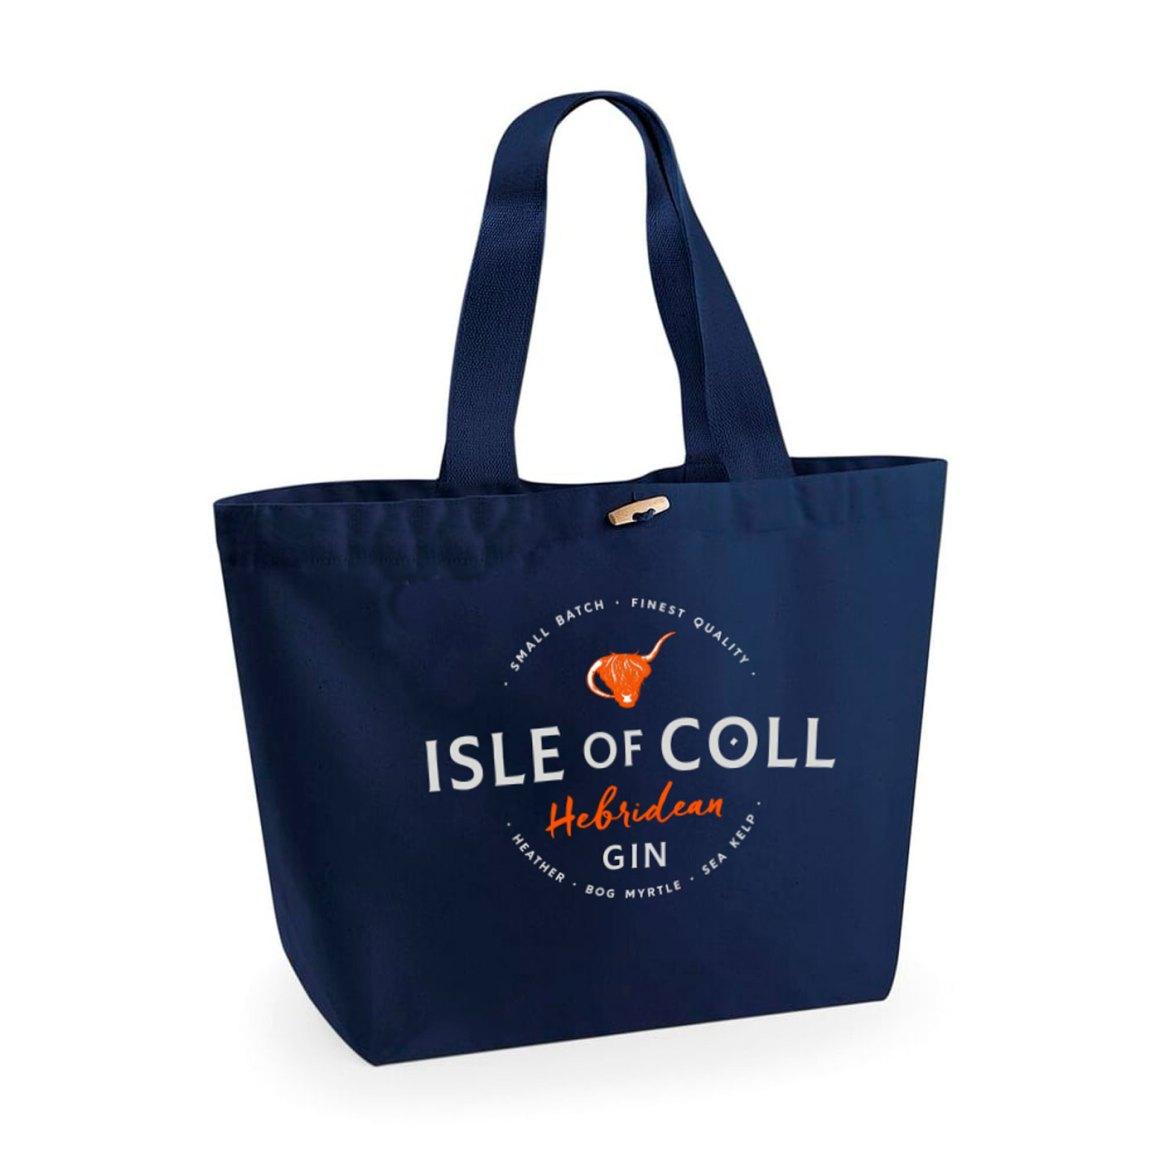 Coll Hebridean Gin Bags